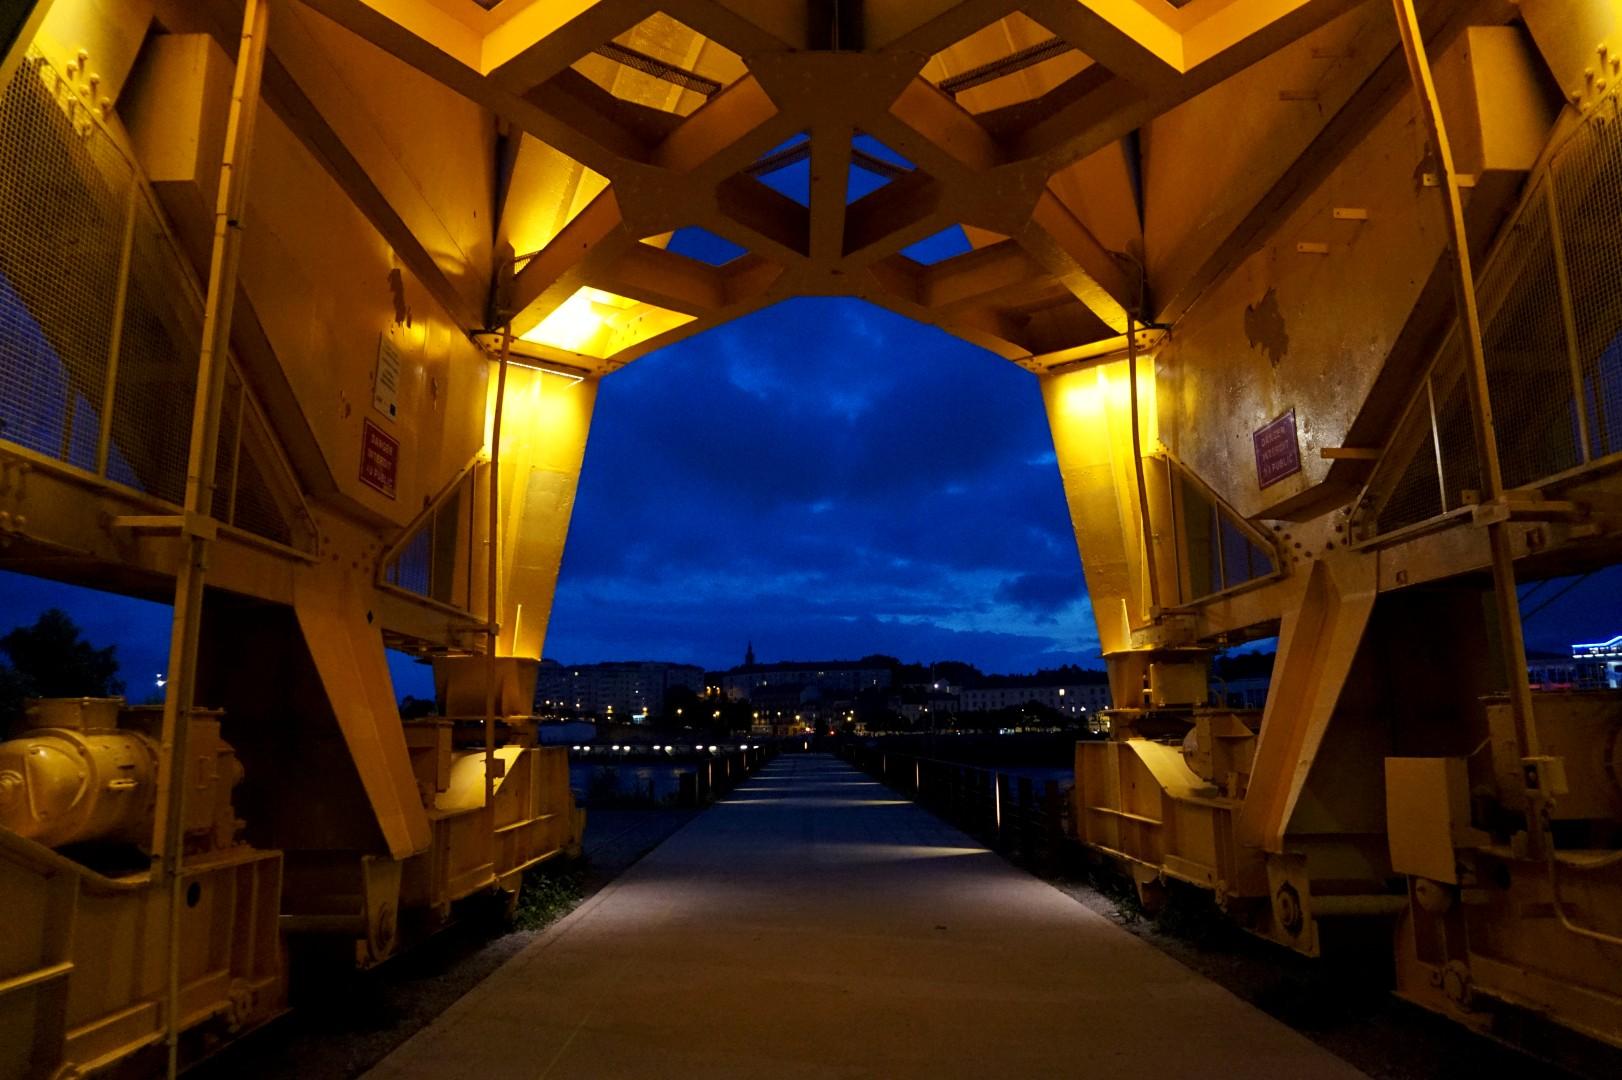 Un weekend à Nantes - Ile de Nantes - Parc des Chantiers - La nuit